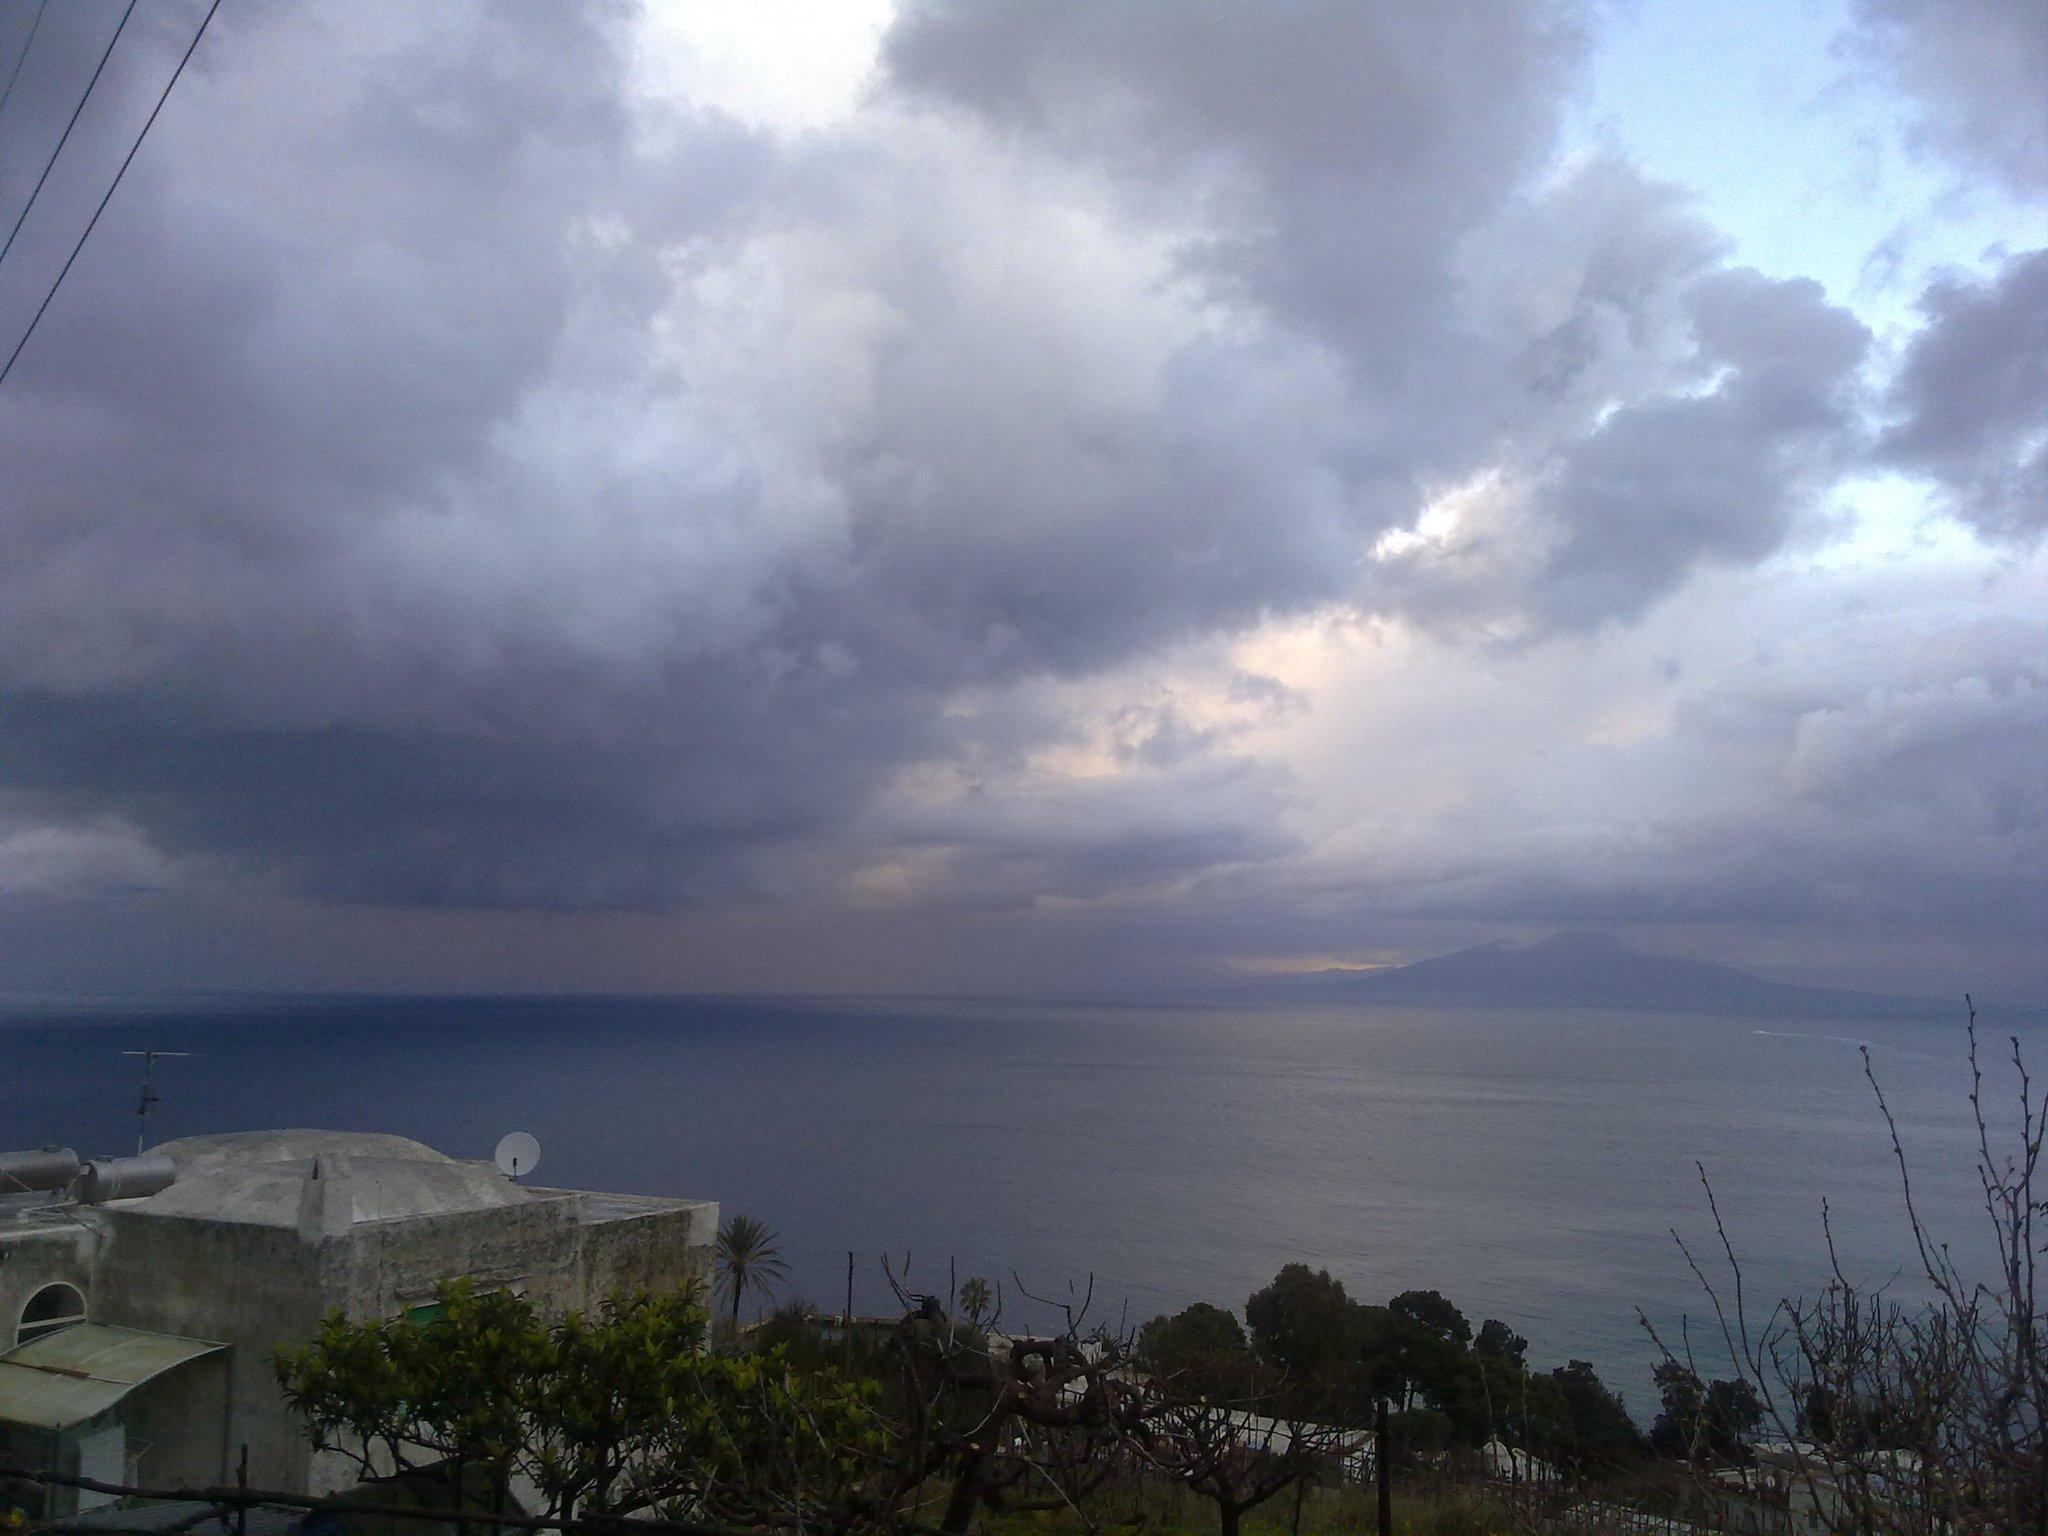 Capri, tempesta e nubifragio in attesa della neve